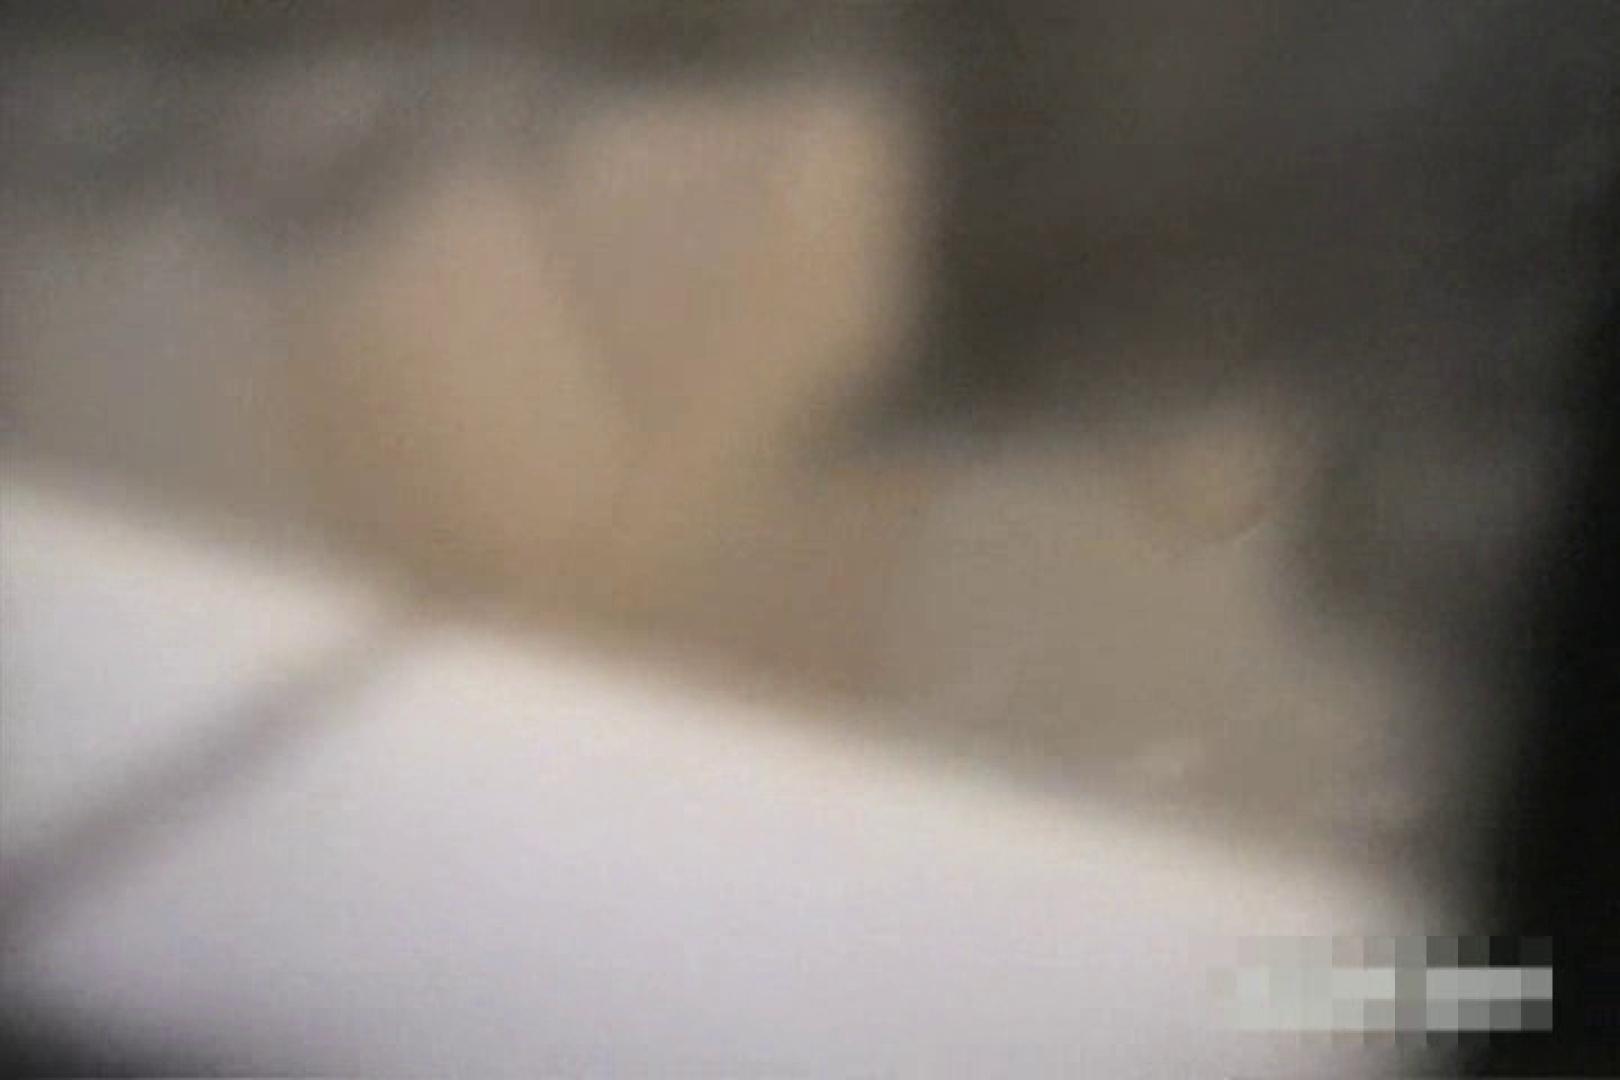 激撮ストーカー記録あなたのお宅拝見しますVol.2 民家  88pic 56